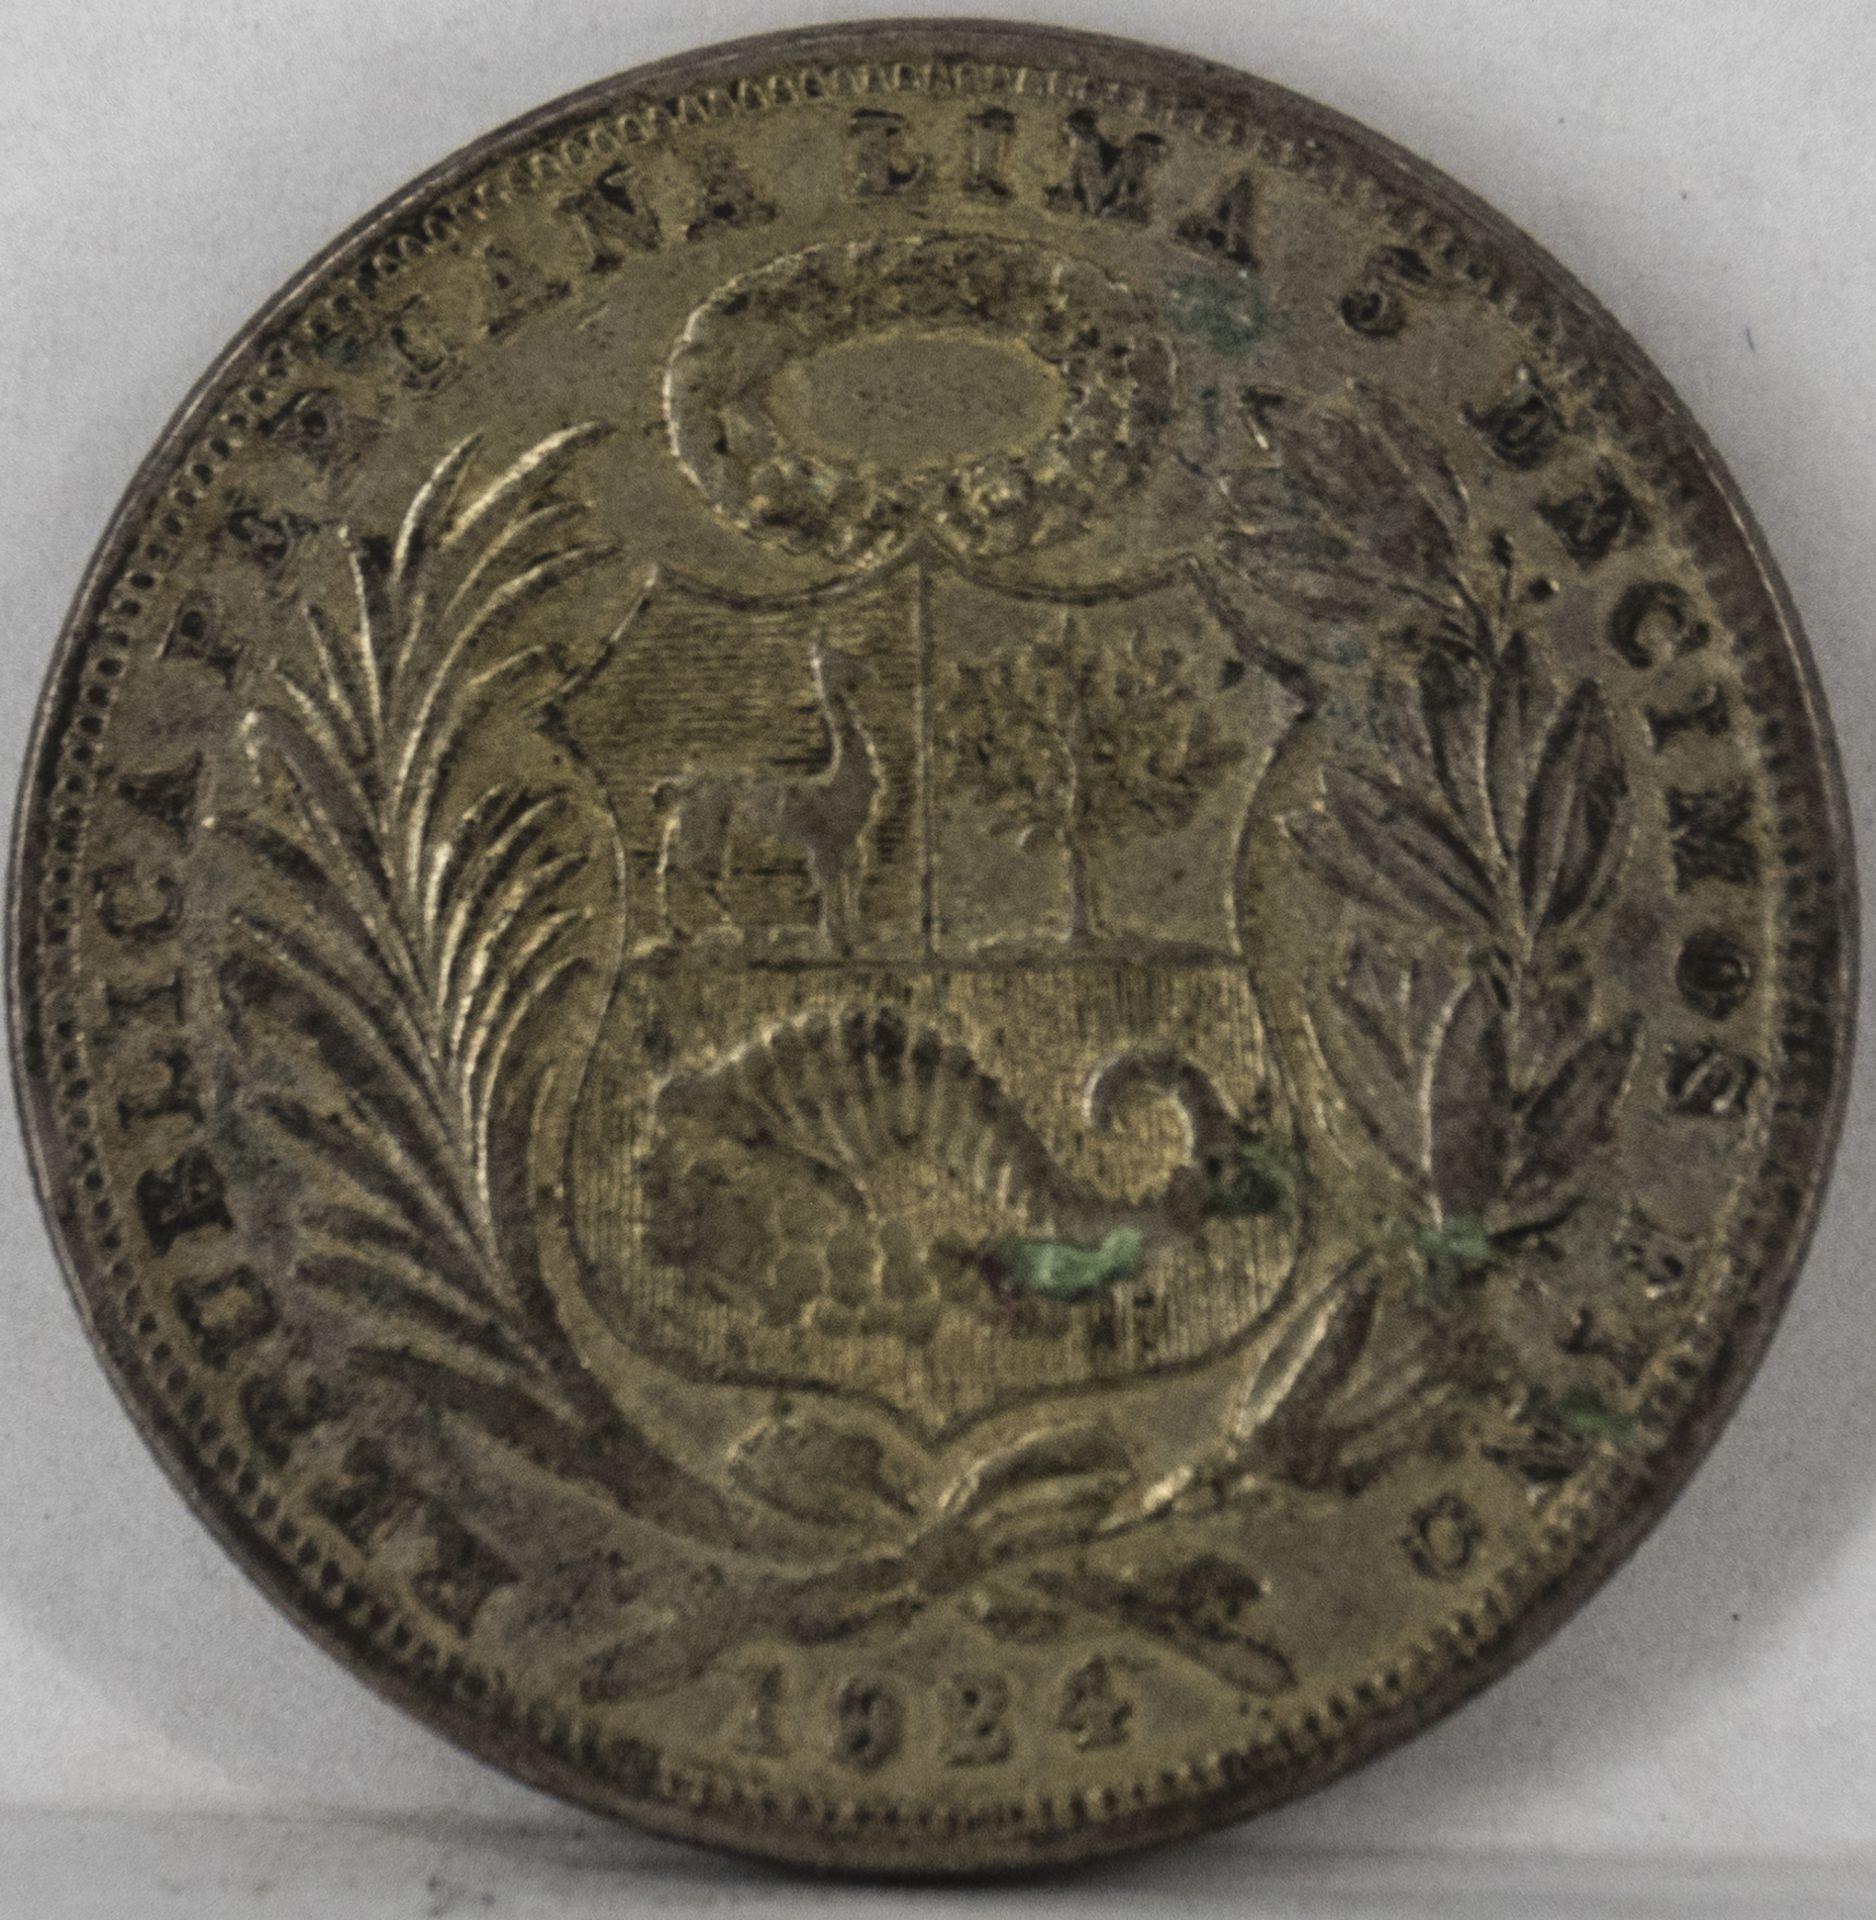 Peru 1924, 1 Sol - Silbermünze, Erhaltung: s. - Image 2 of 2